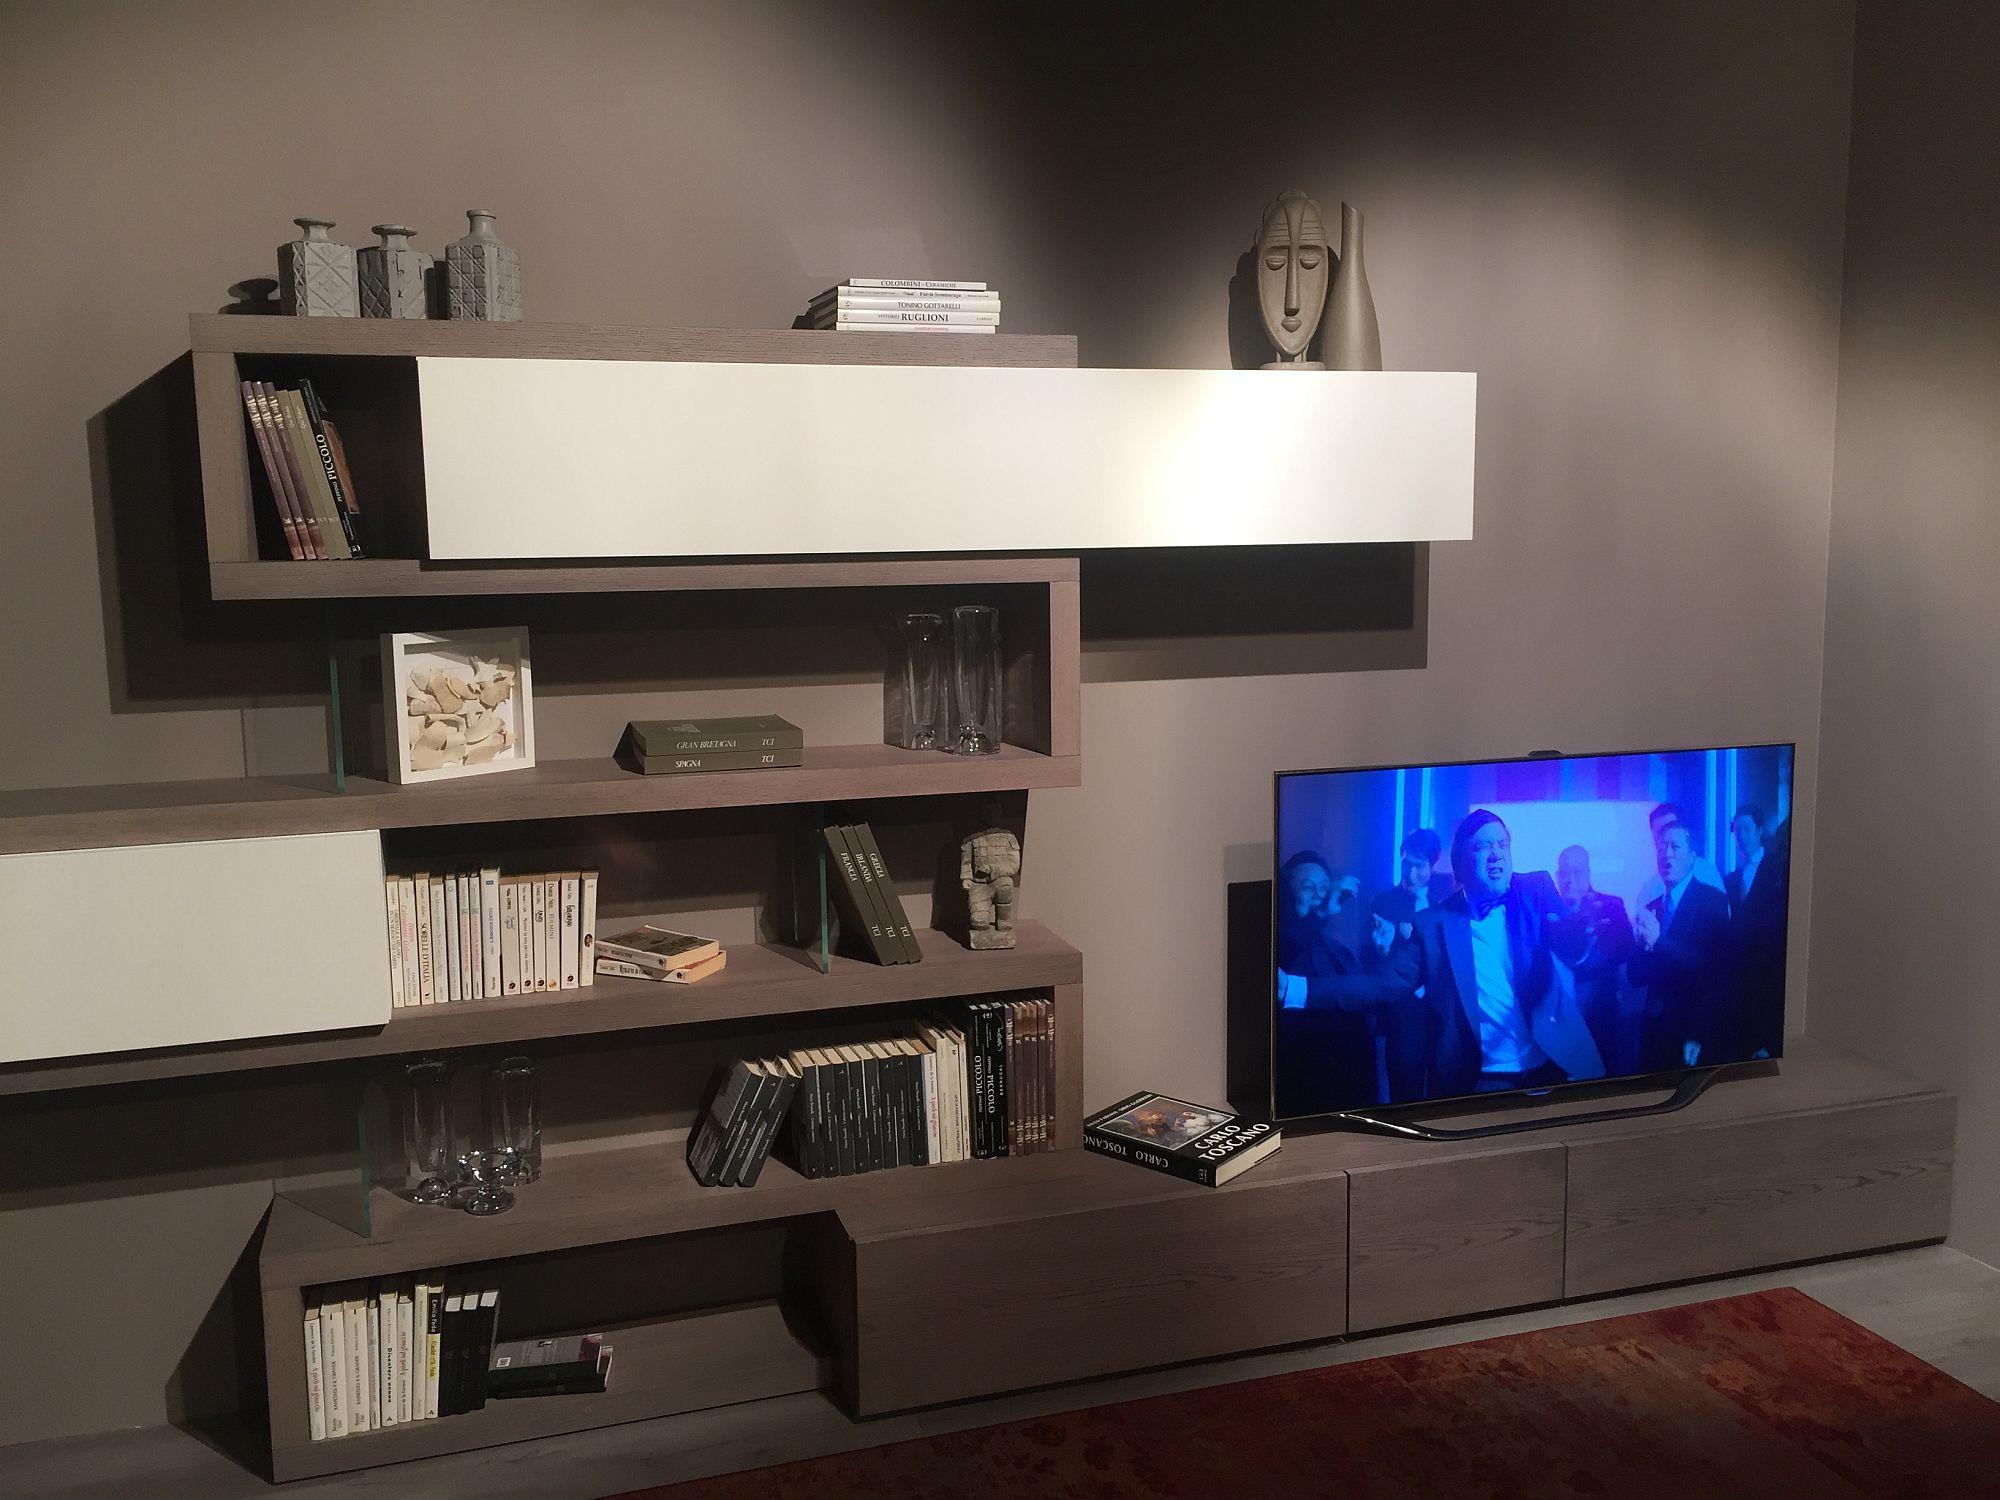 Unsur tradisional dan moden buat rak terbuka dan cabinet tertutup ini unik